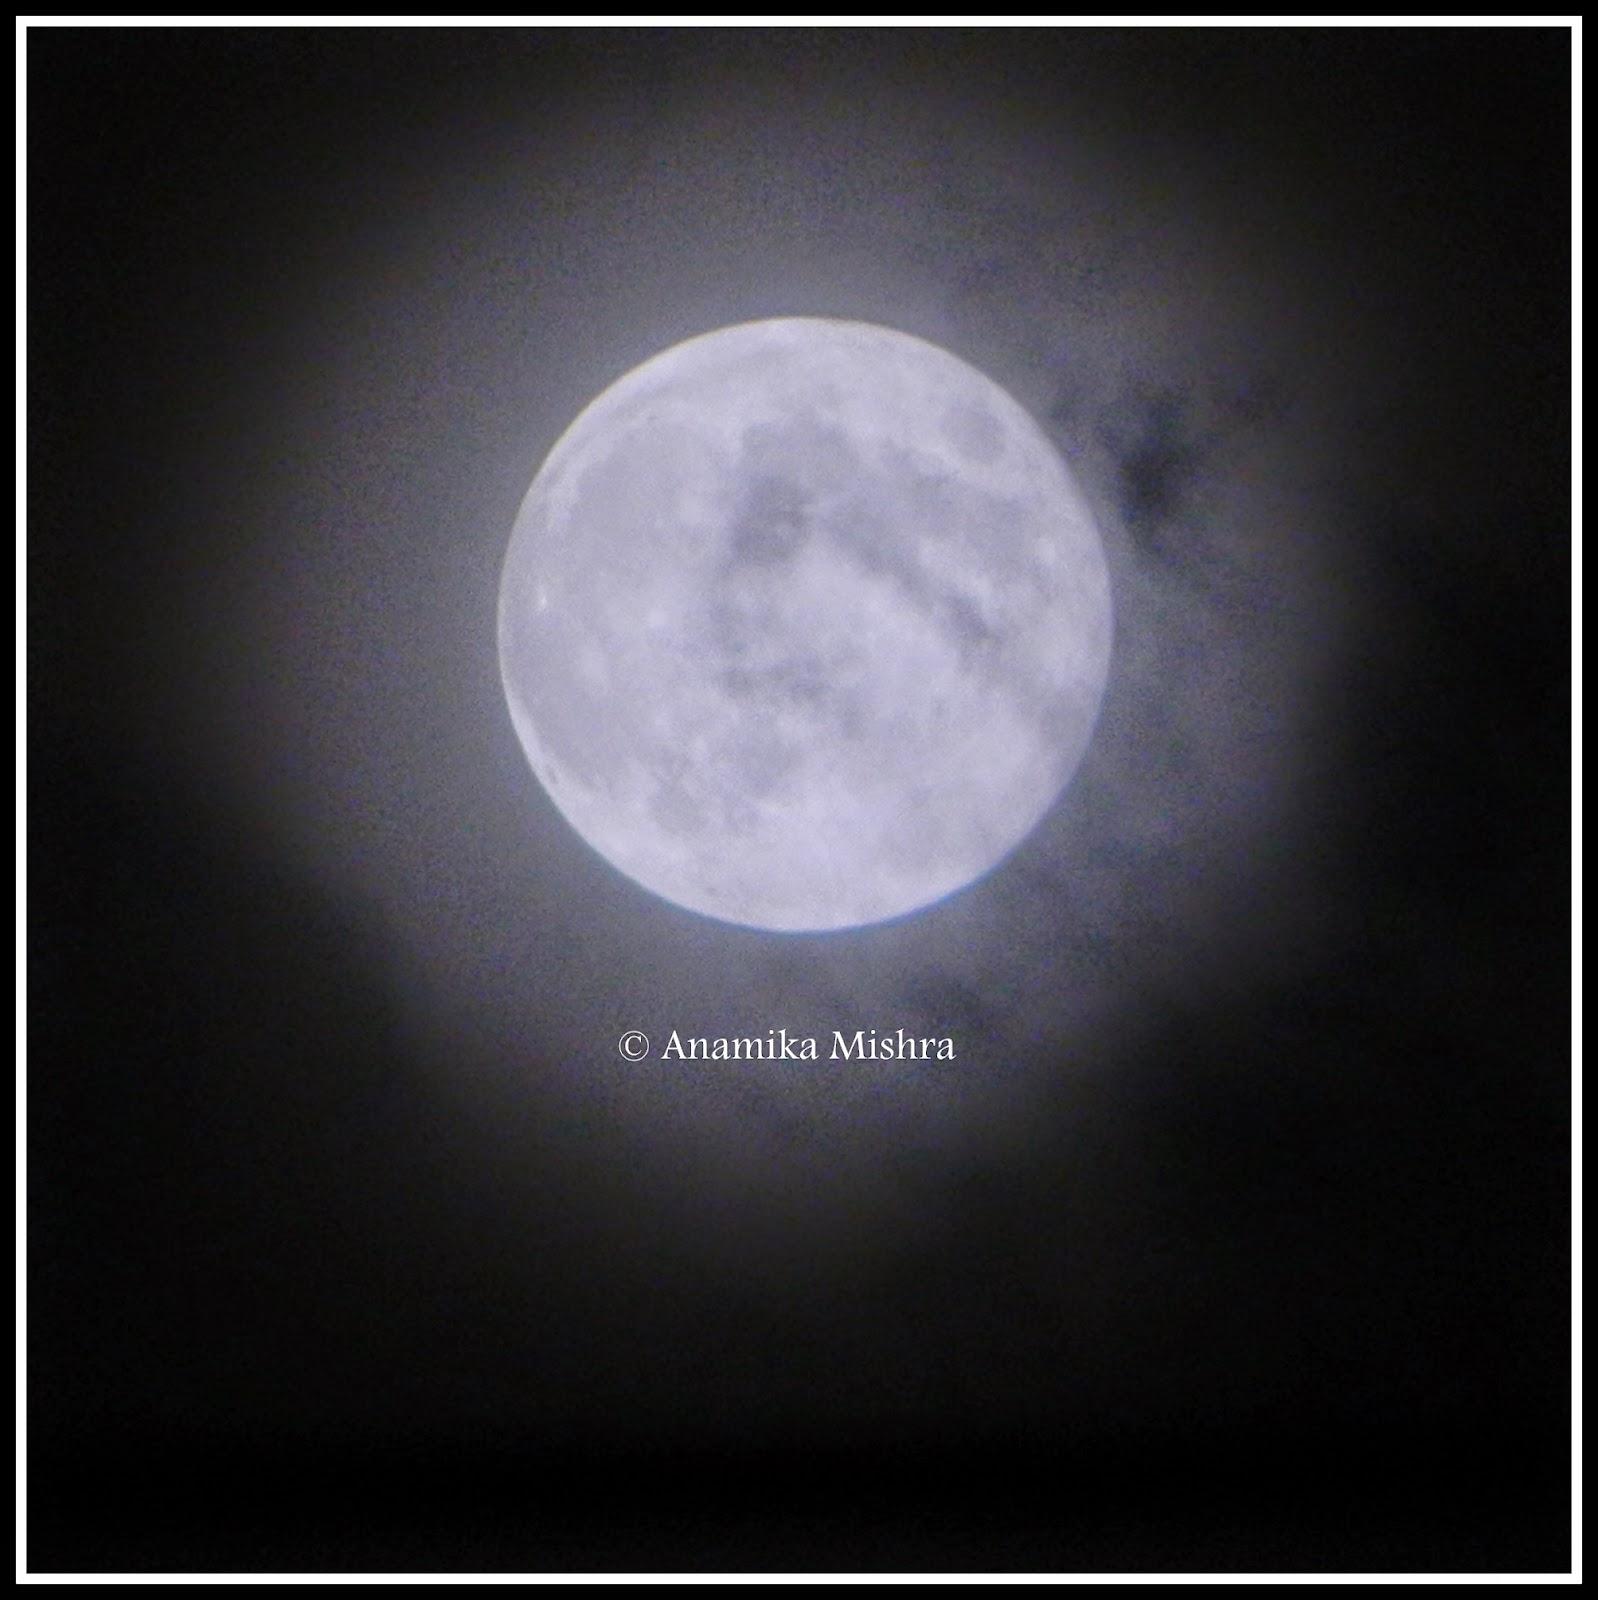 full moon photography tips - photo #8